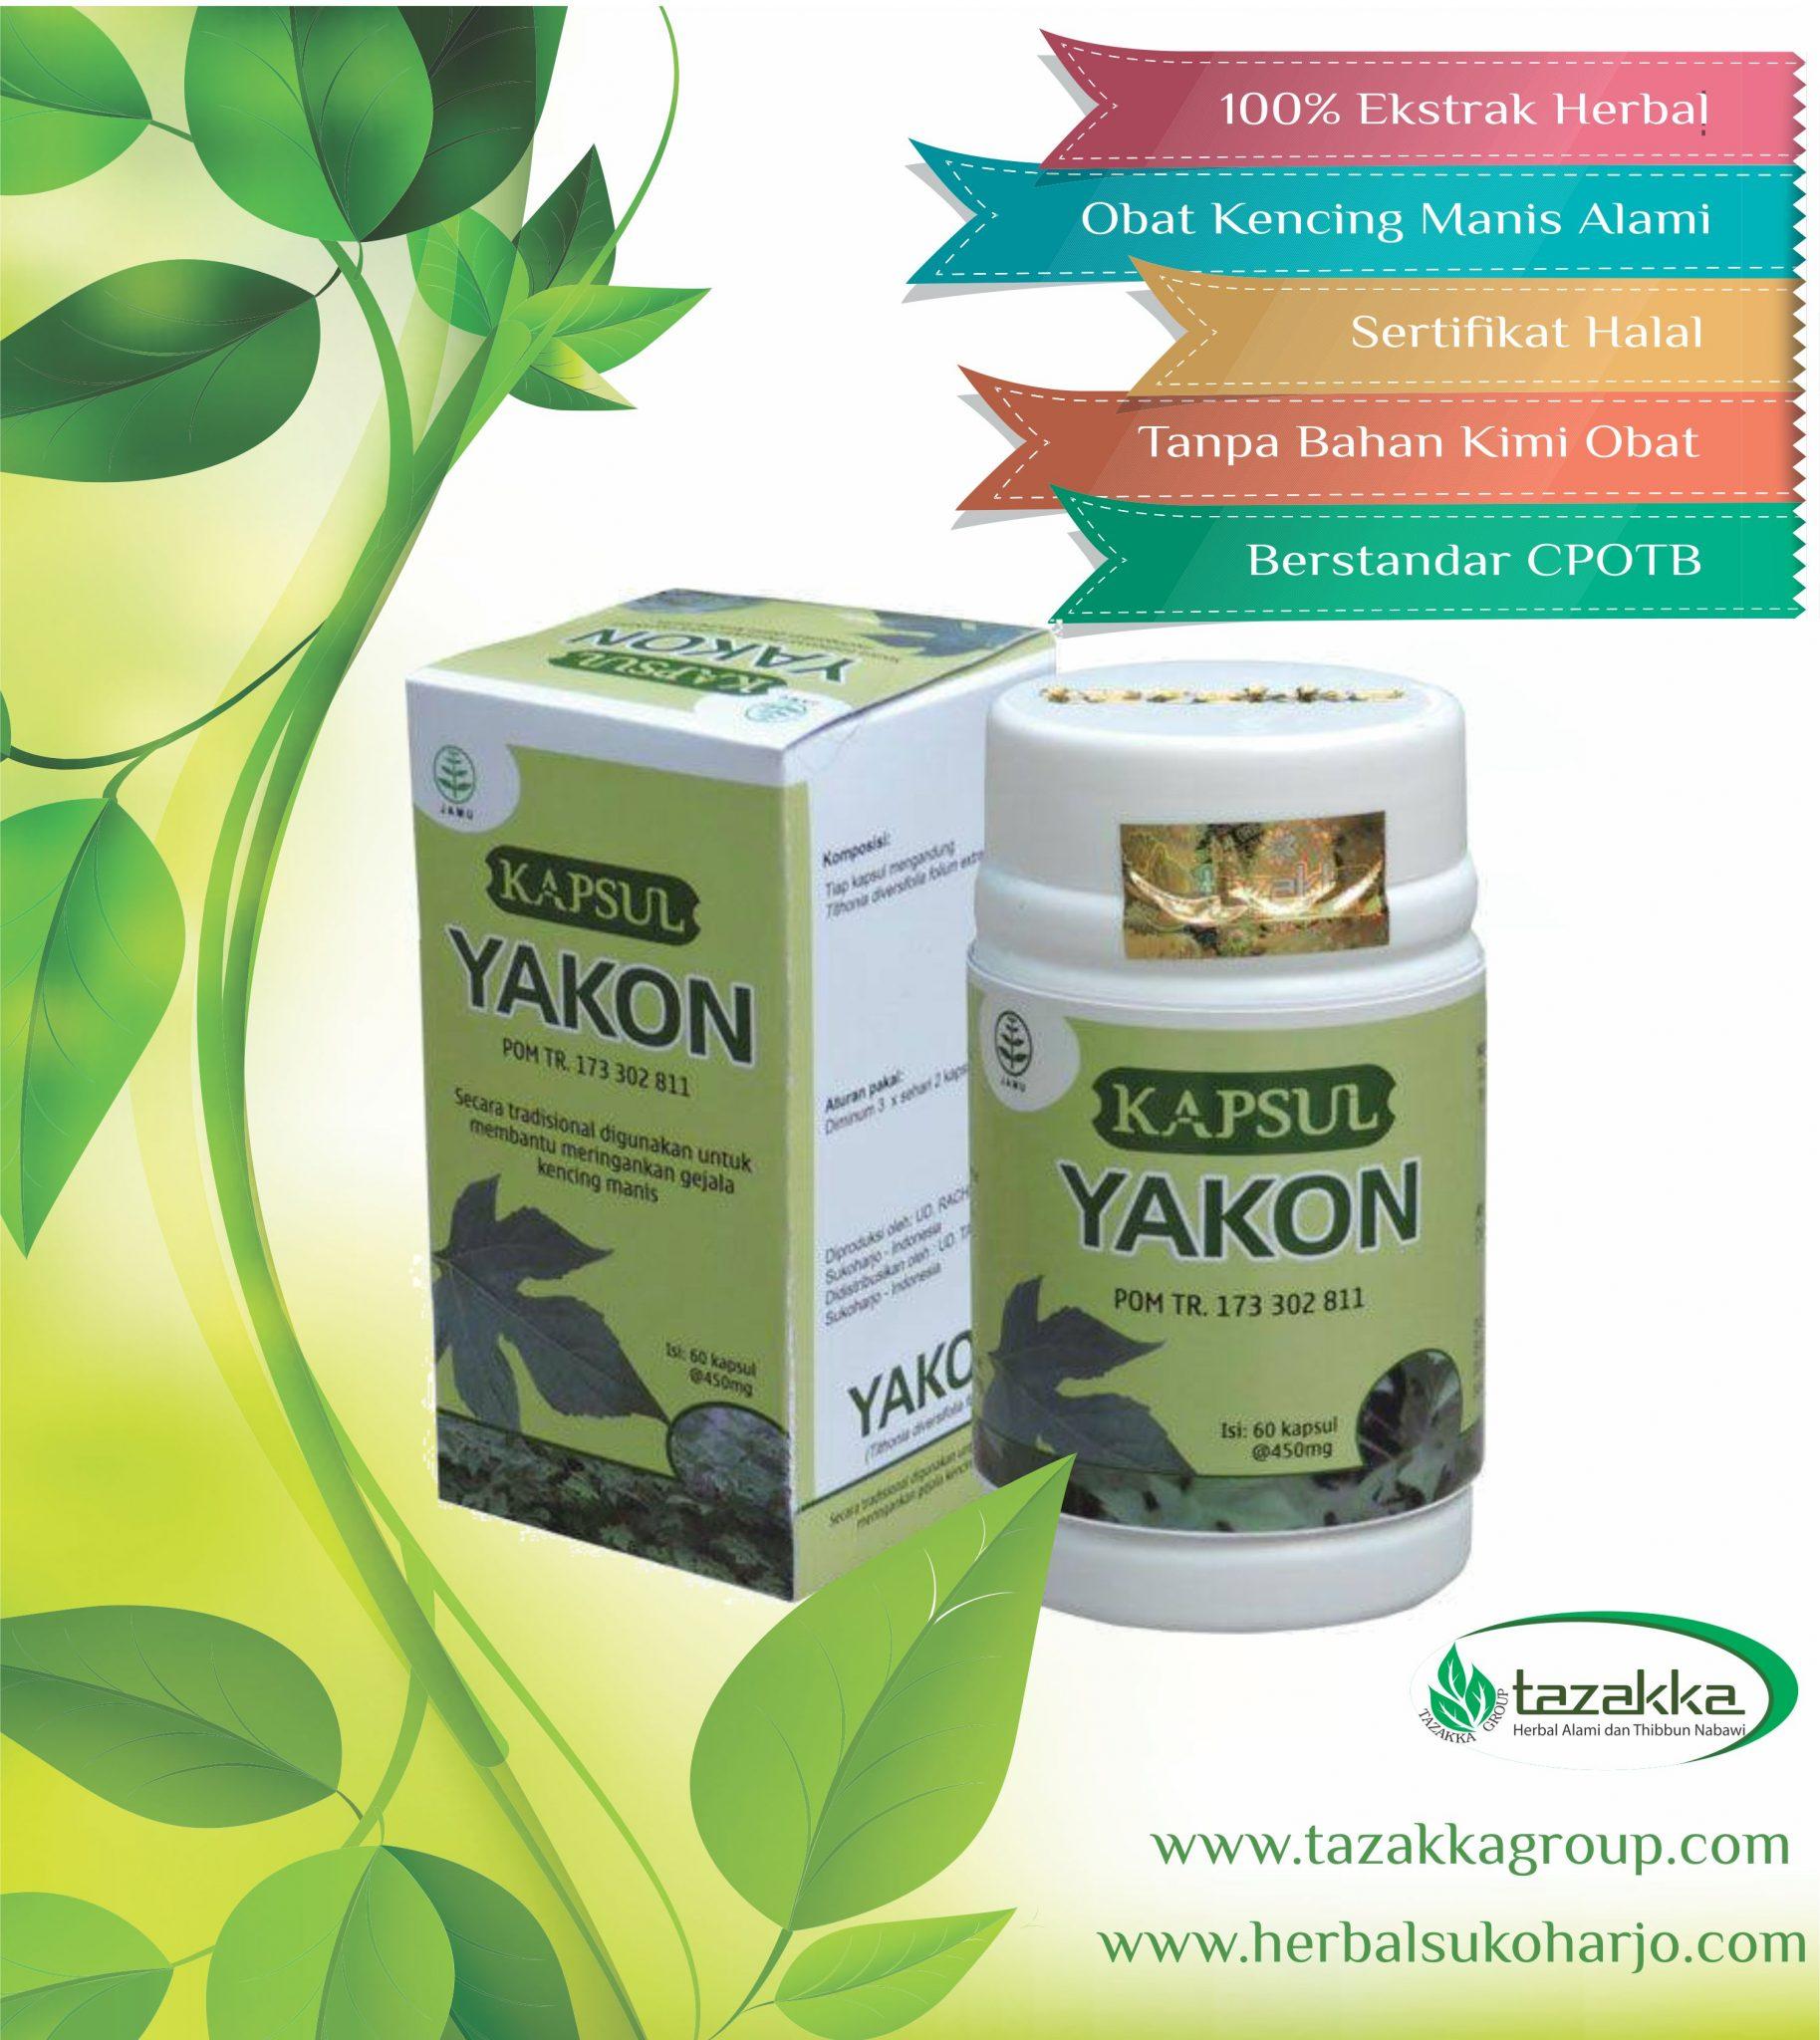 foto gambar produk obat herbal tazakka yang ampuh untuk mengobati penyakit diabetes atau kencing manis dengan herbal yakon daun insulin